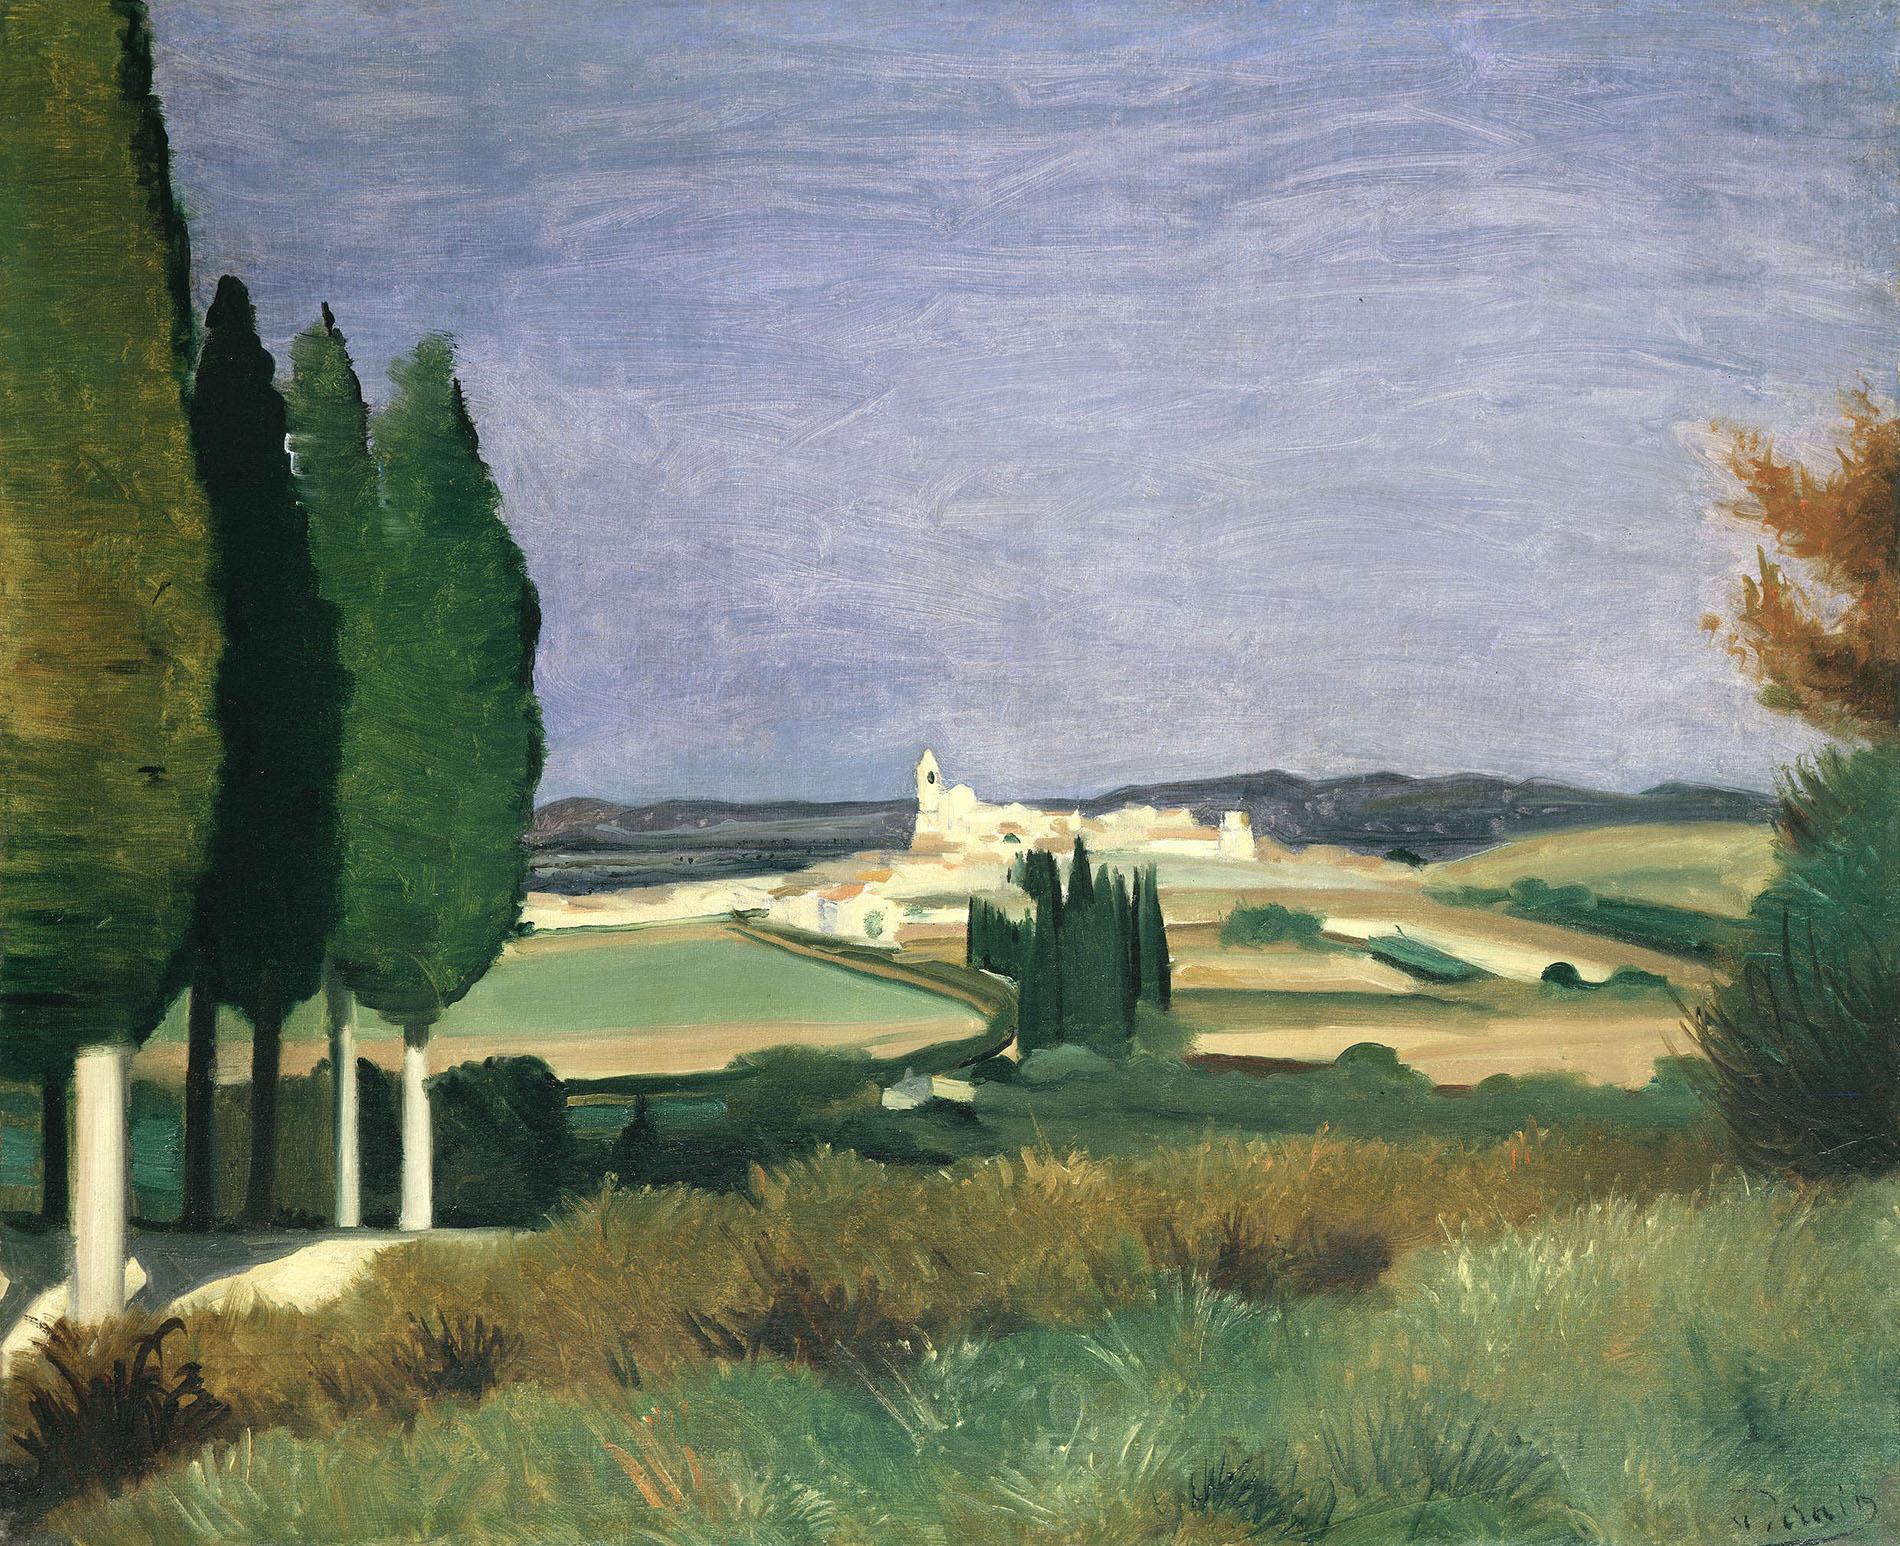 André Derain, Paysage de Provence, 1930, Öl auf Leinwand, Privatsammlung. © 2020, ProLitteris, Zurich